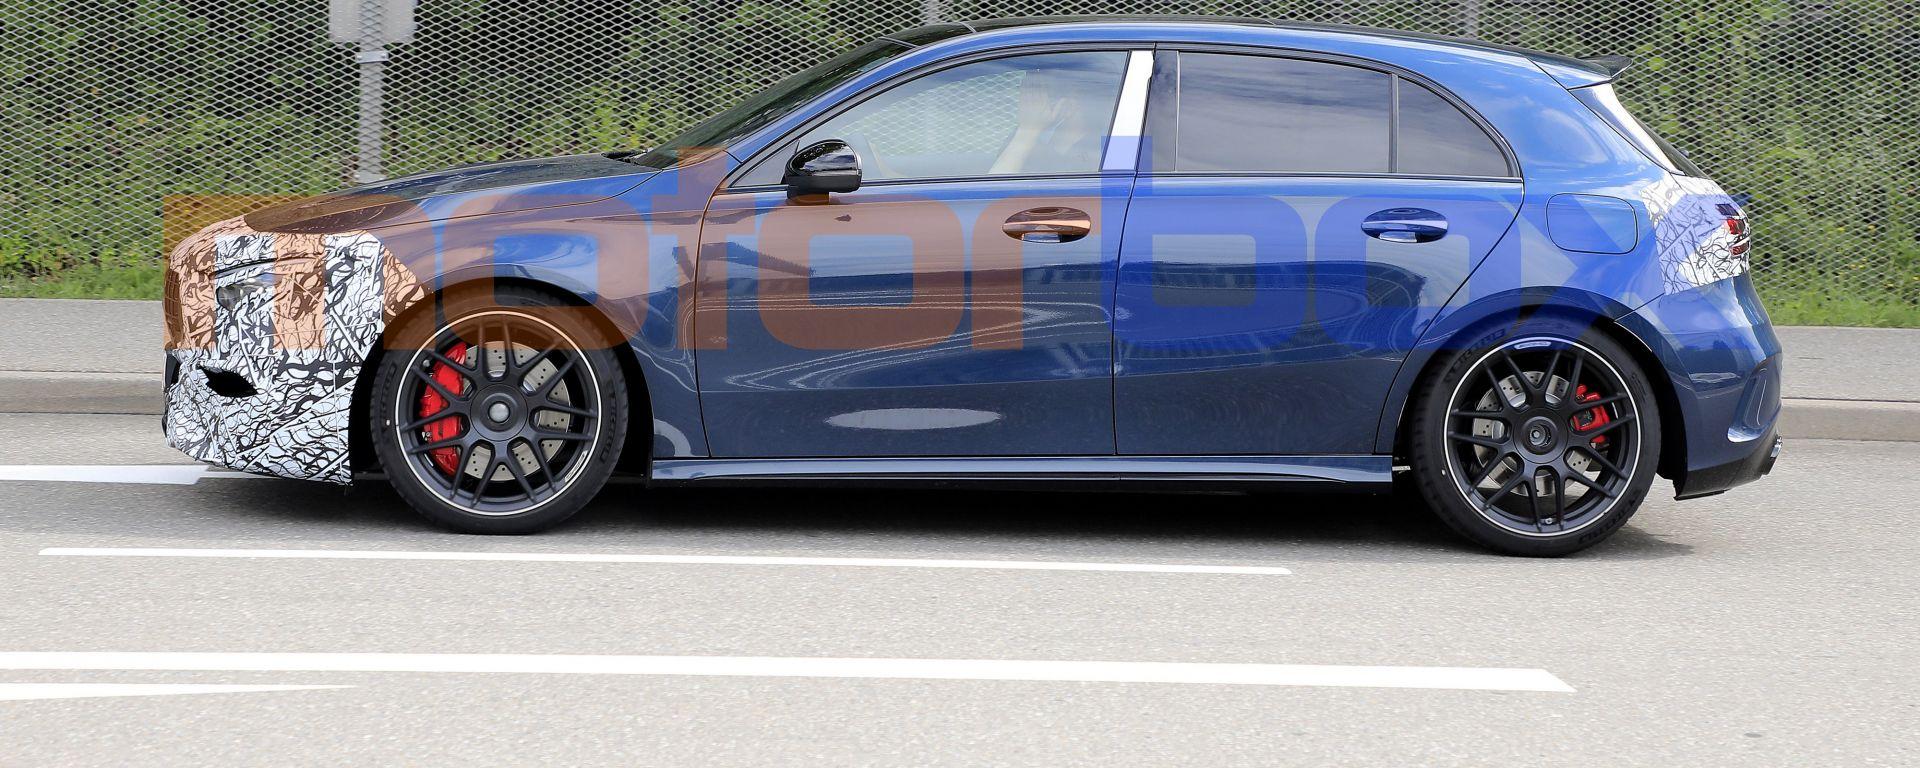 Nuova Mercedes Classe A: una vista di profilo